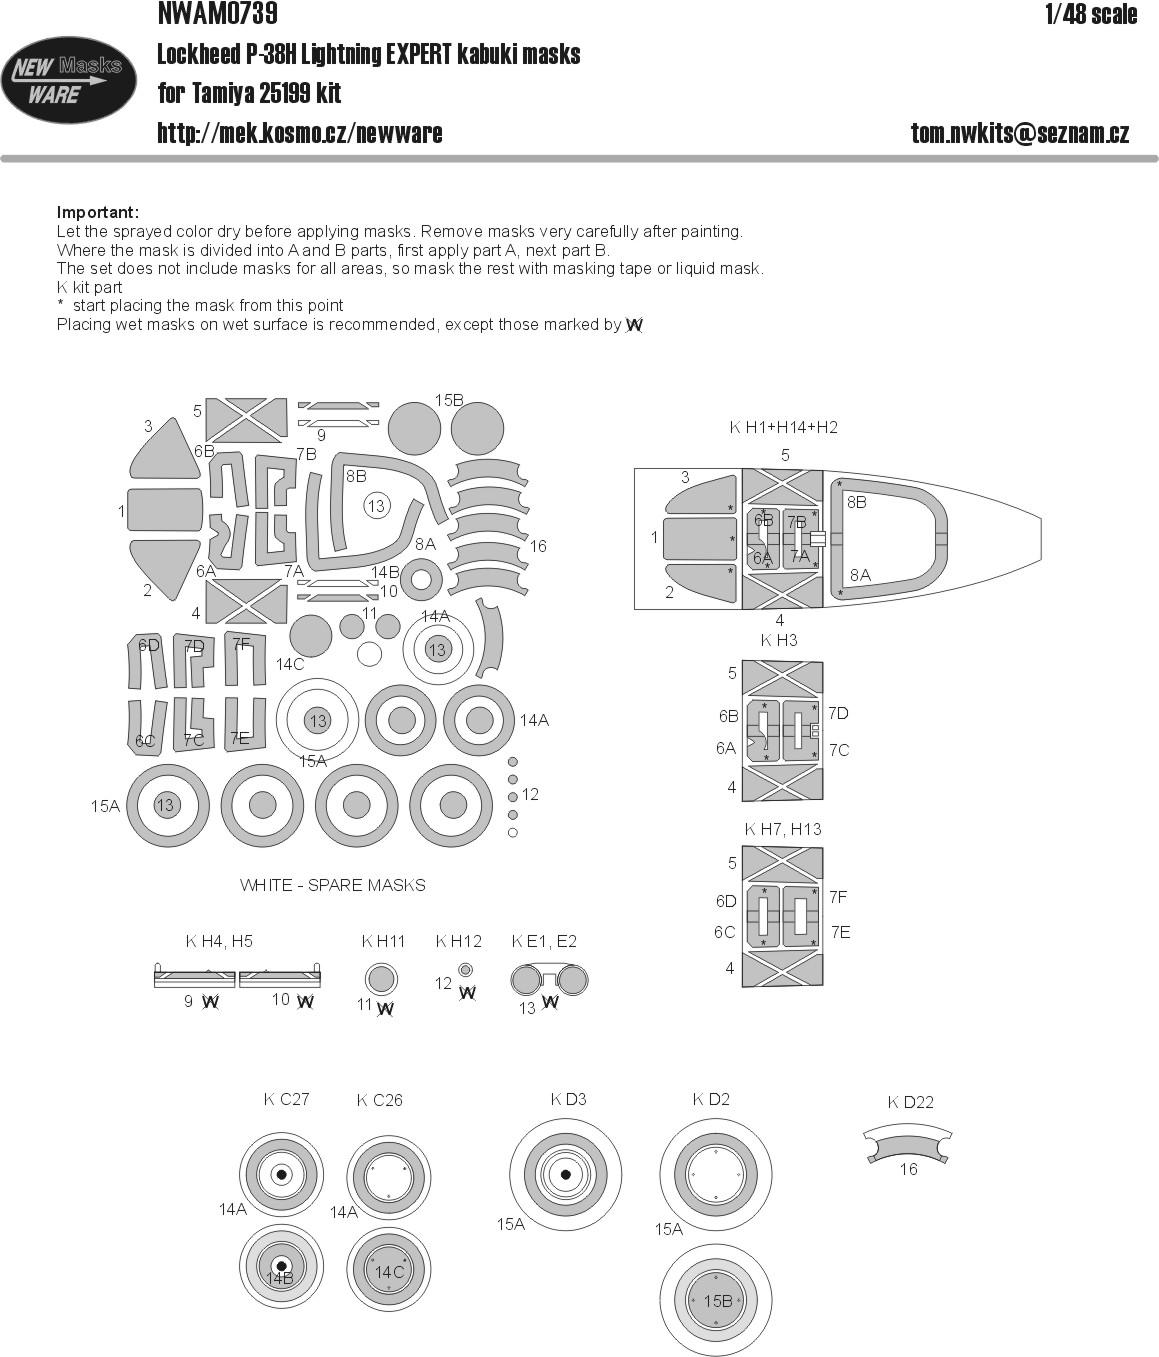 NWAM0739